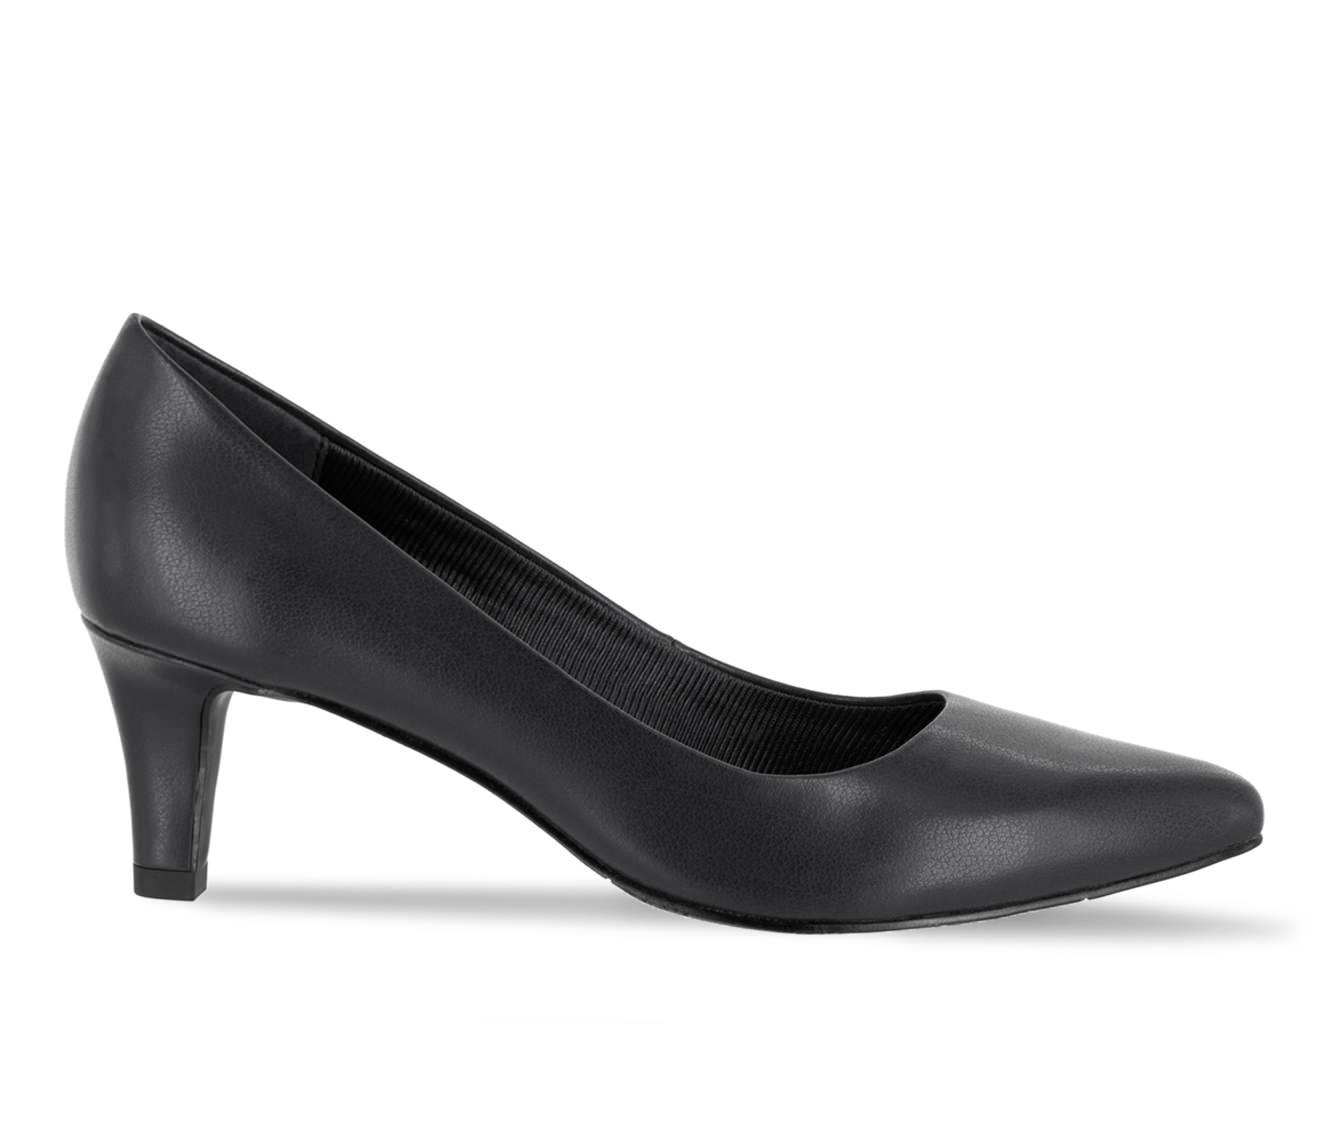 Easy Street Pointe Women's Dress Shoe (Black Faux Leather)